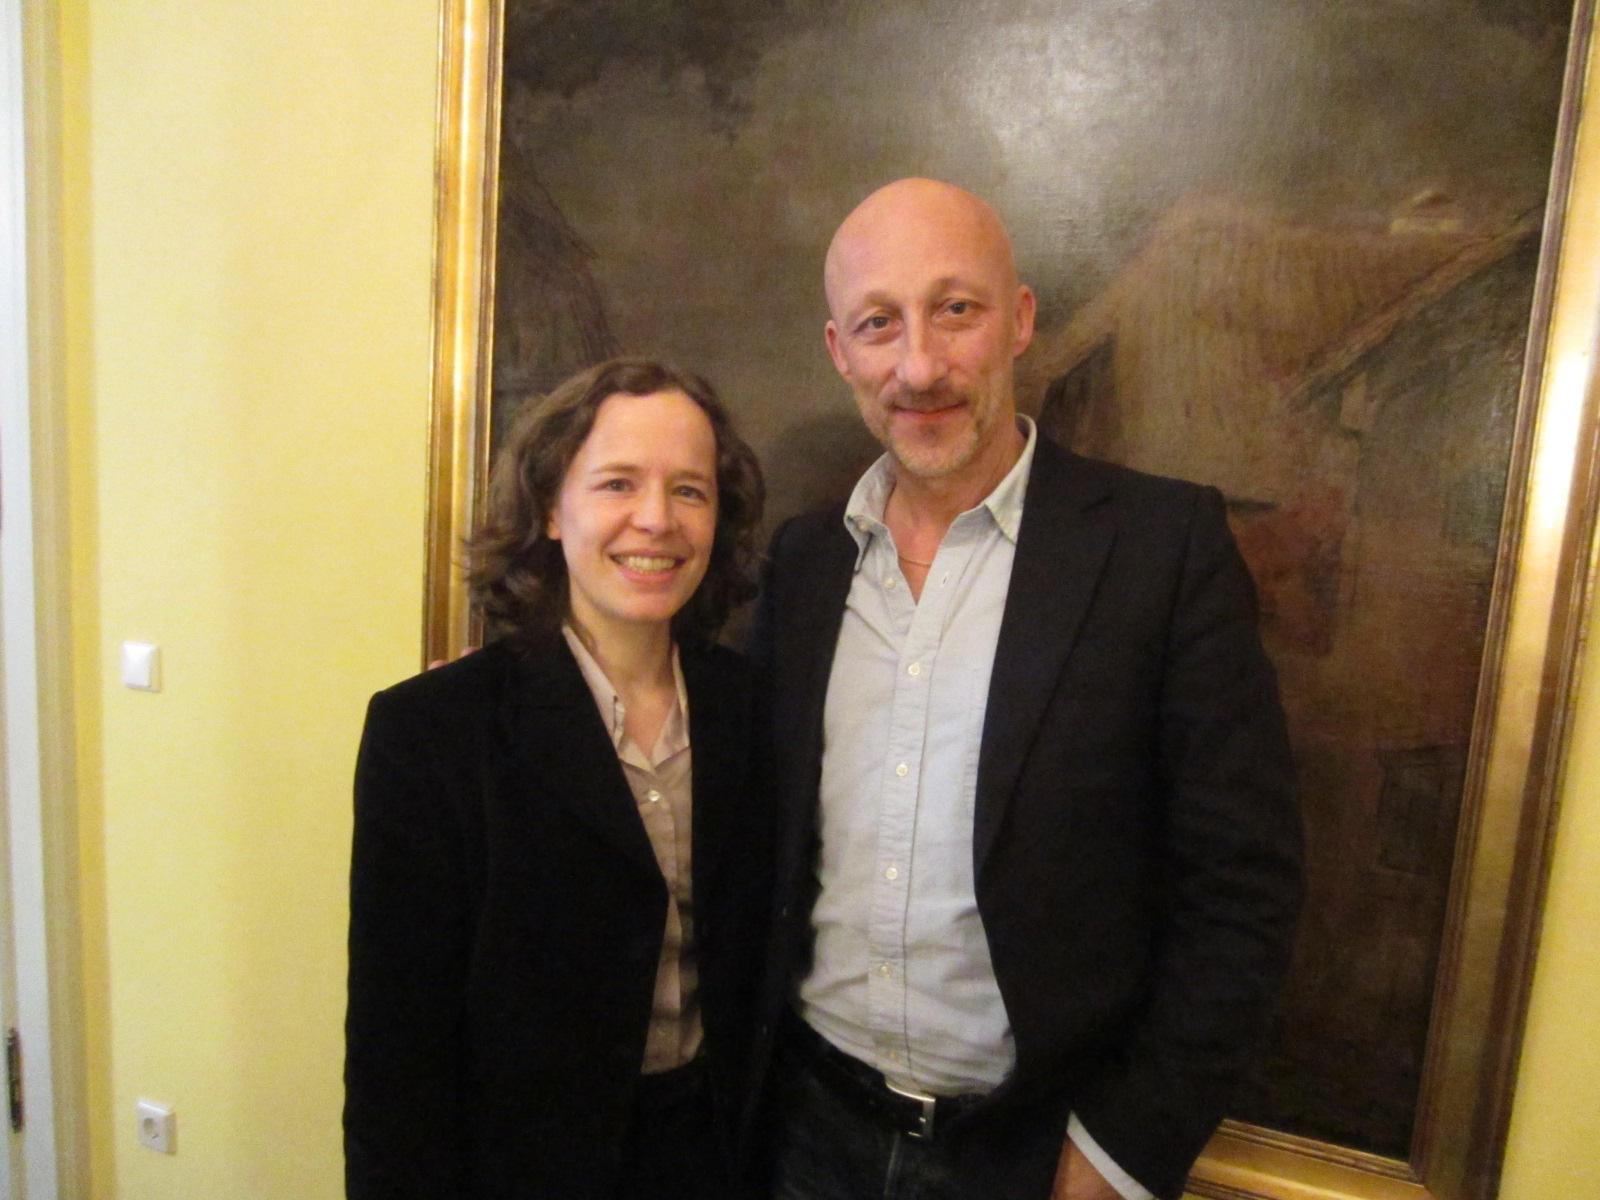 Regisseur Hirschbiegel mit GALA-Königshausexpertin Stefanie Richter beim Interview in München.